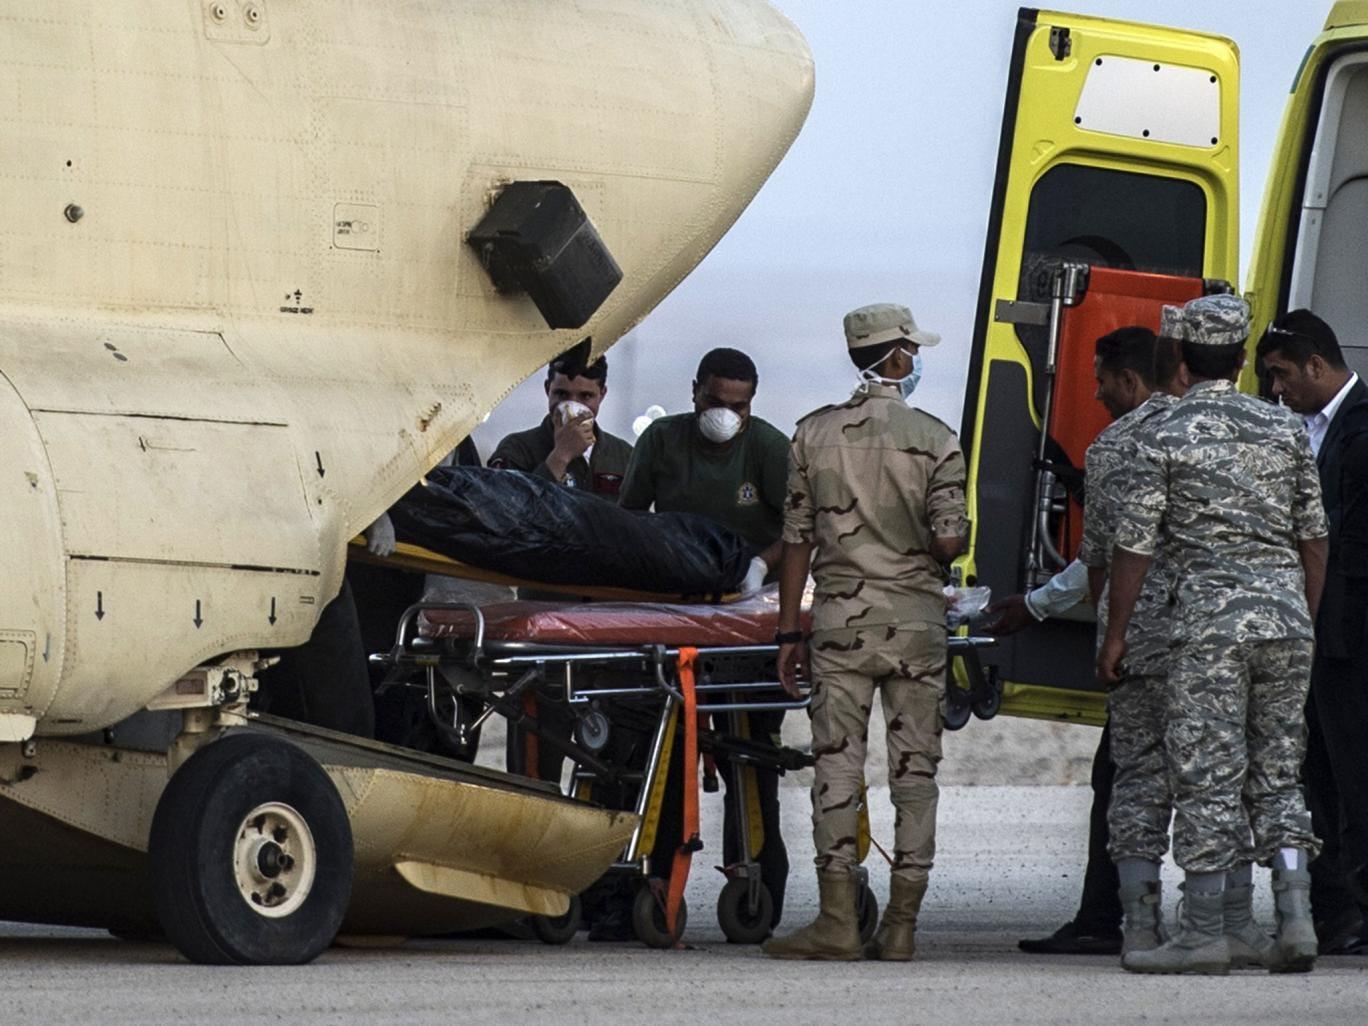 Авиакатастрофа в Египте: Что мы знаем до сих пор о рейсе 9268 Metrojet